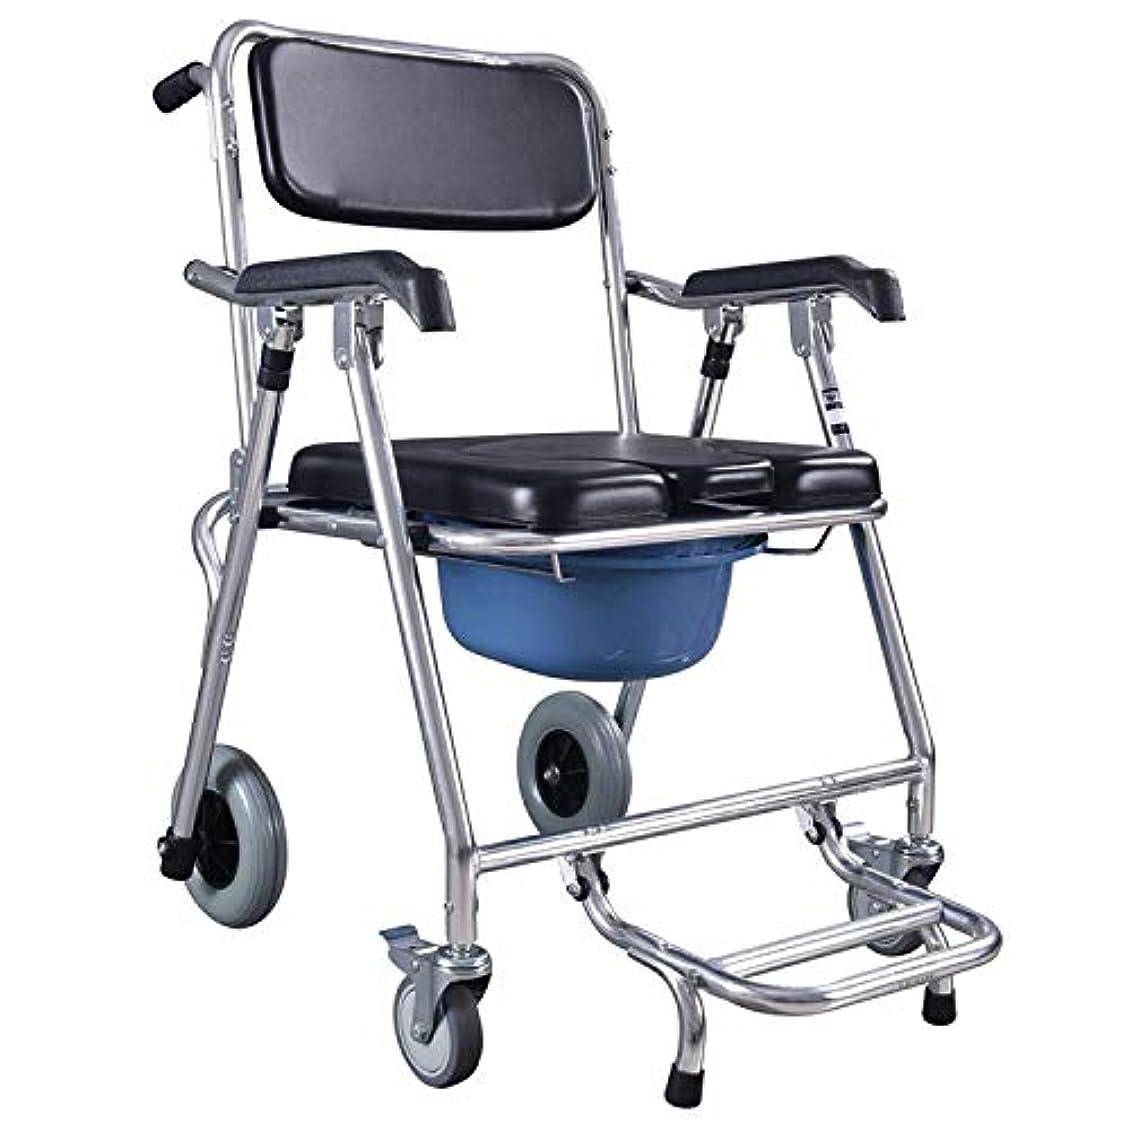 魔法外交に向けて出発老人車輪付き便器/トイレ椅子、パッド入りシートと背もたれ車椅子バスチェア付きブレーキ付きトイレシャワーチェア